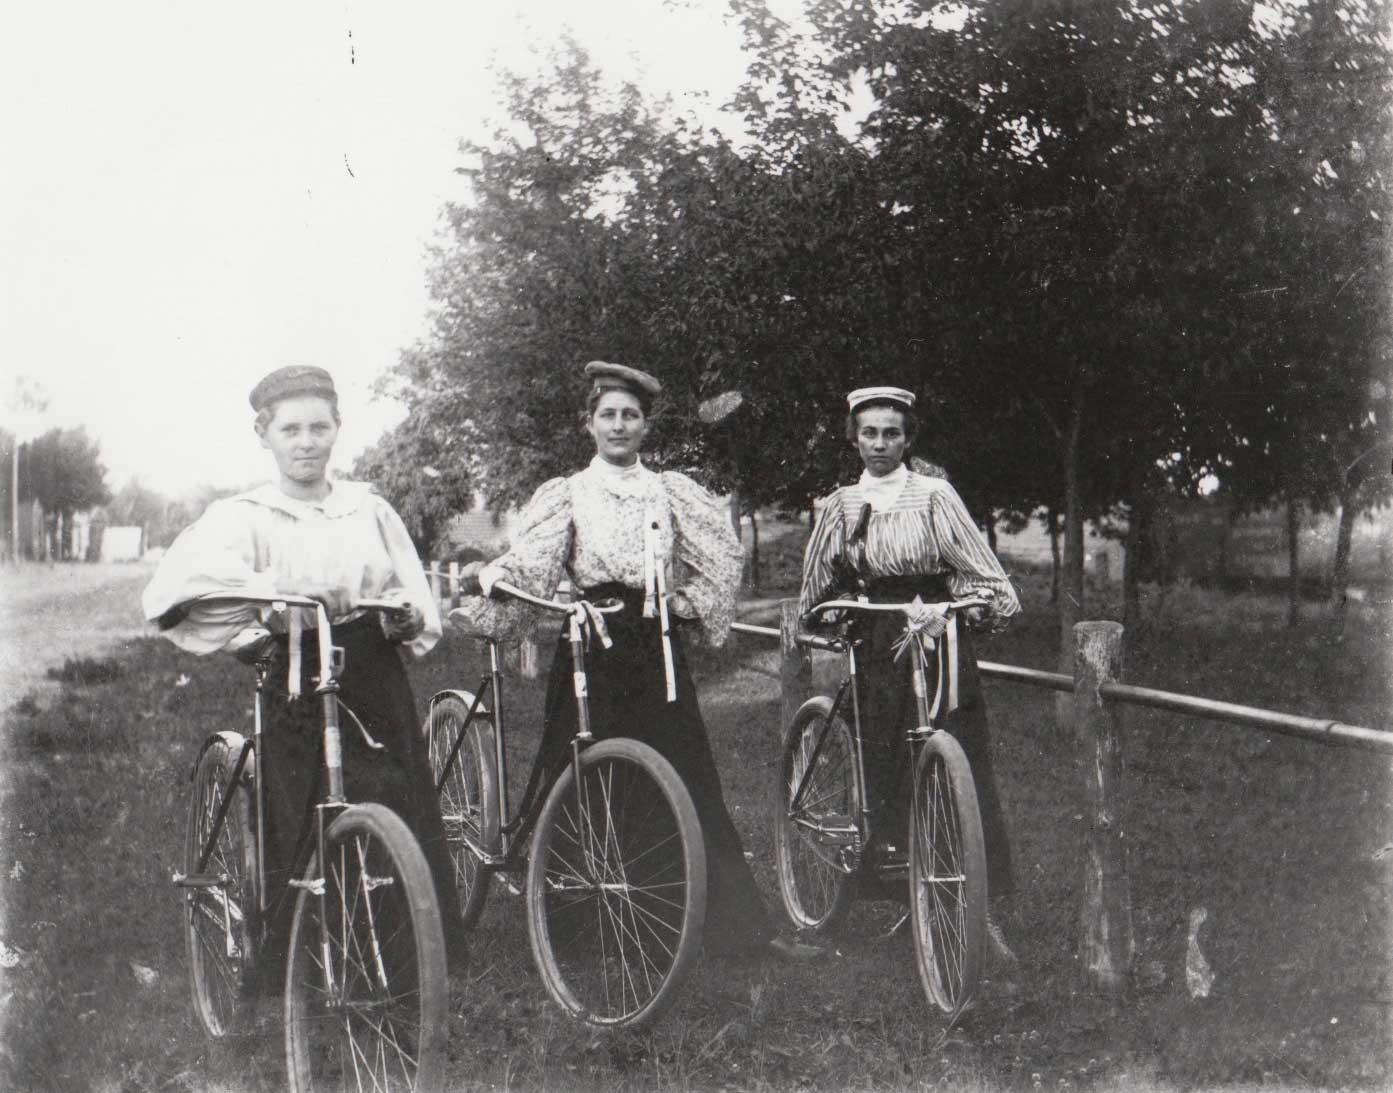 1. Women bicyclists